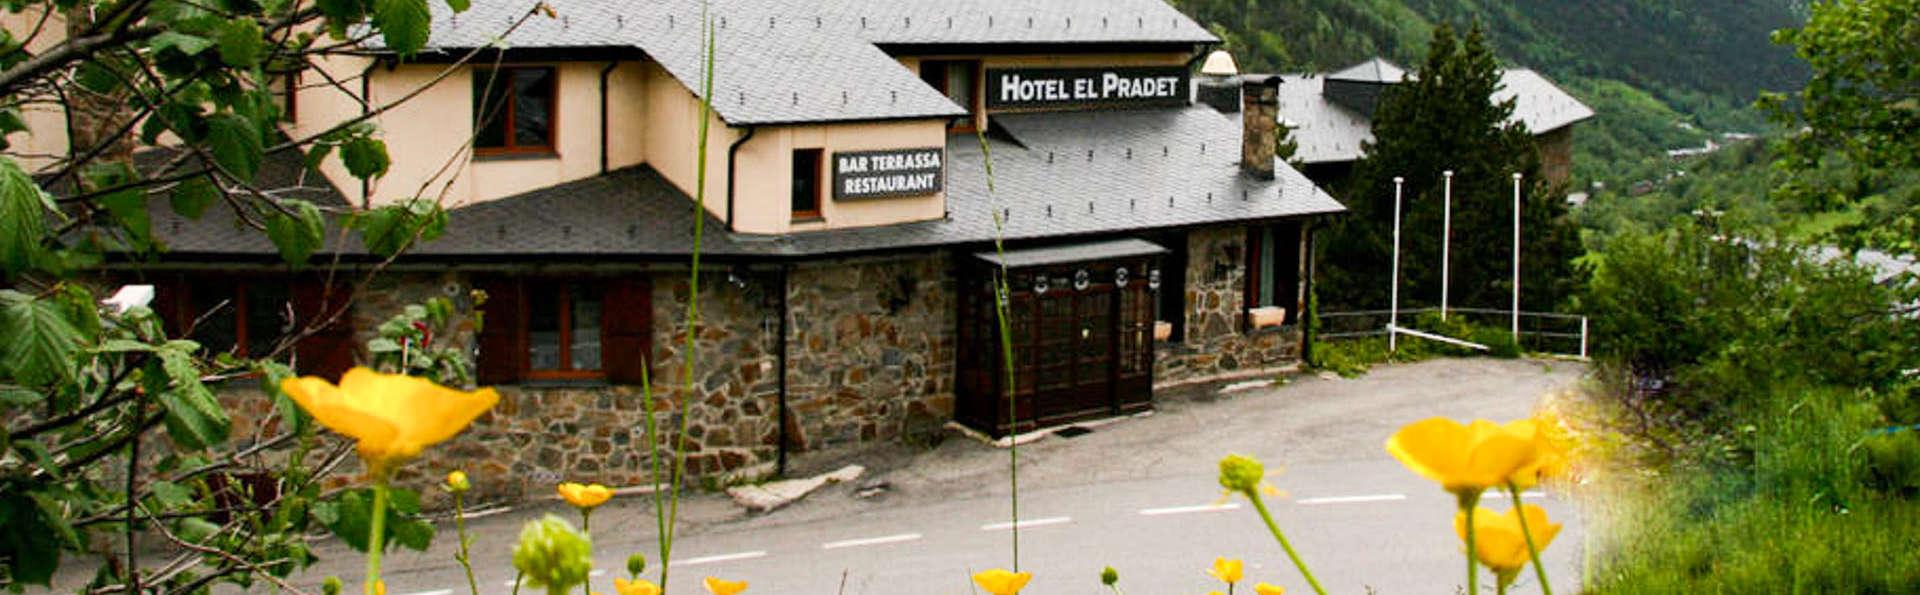 Hotel El Pradet - EDIT_FRONT.jpg